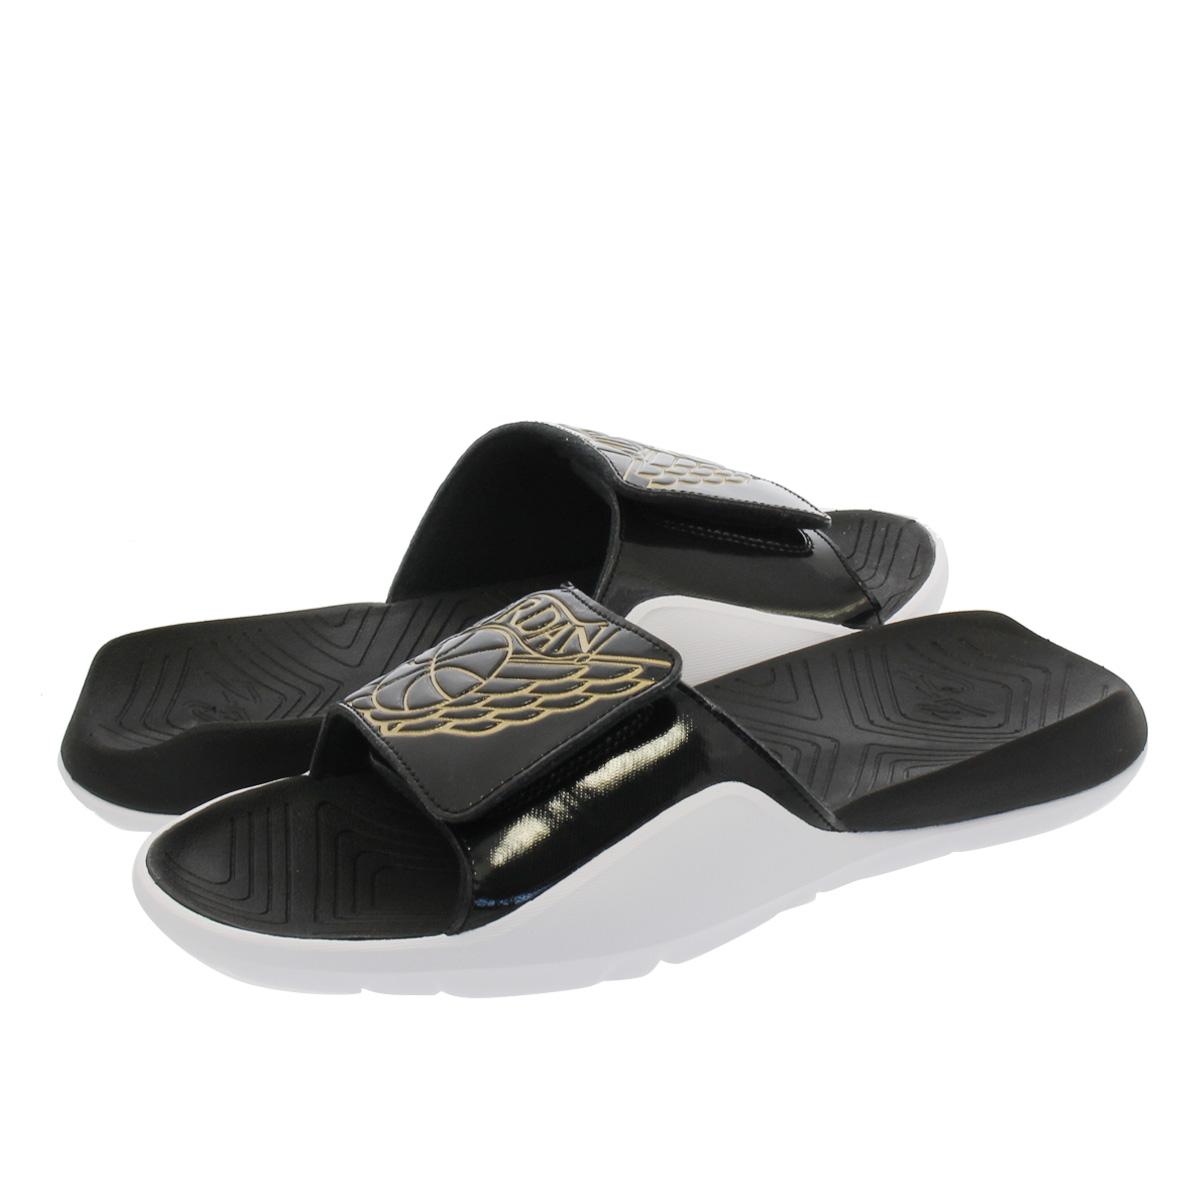 new concept e47b3 9f328 NIKE JORDAN HYDRO 7 Nike Jordan high mud 7 BLACK/BLACK GOLD/WHITE aa2517-021